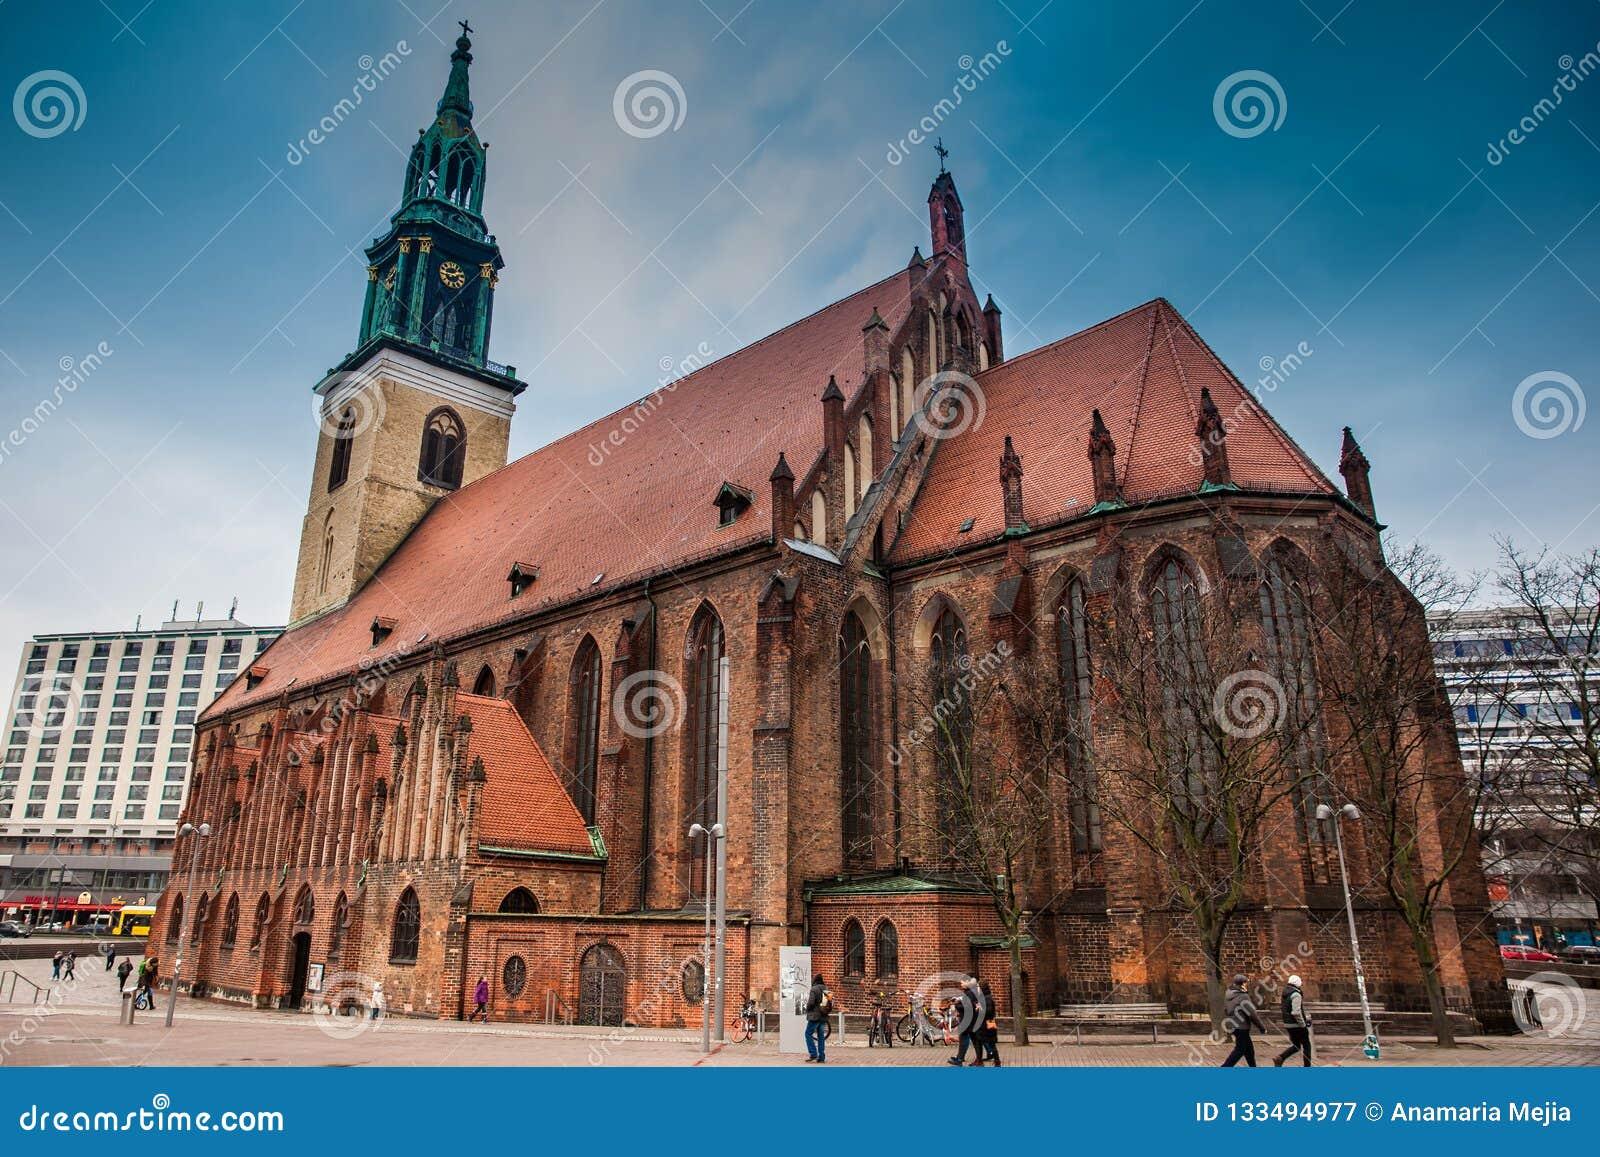 Η ιστορική και όμορφη εκκλησία του ST Mary που βρίσκεται στο κεντρικό Βερολίνο σε ένα κρύο τέλος της χειμερινής ημέρας